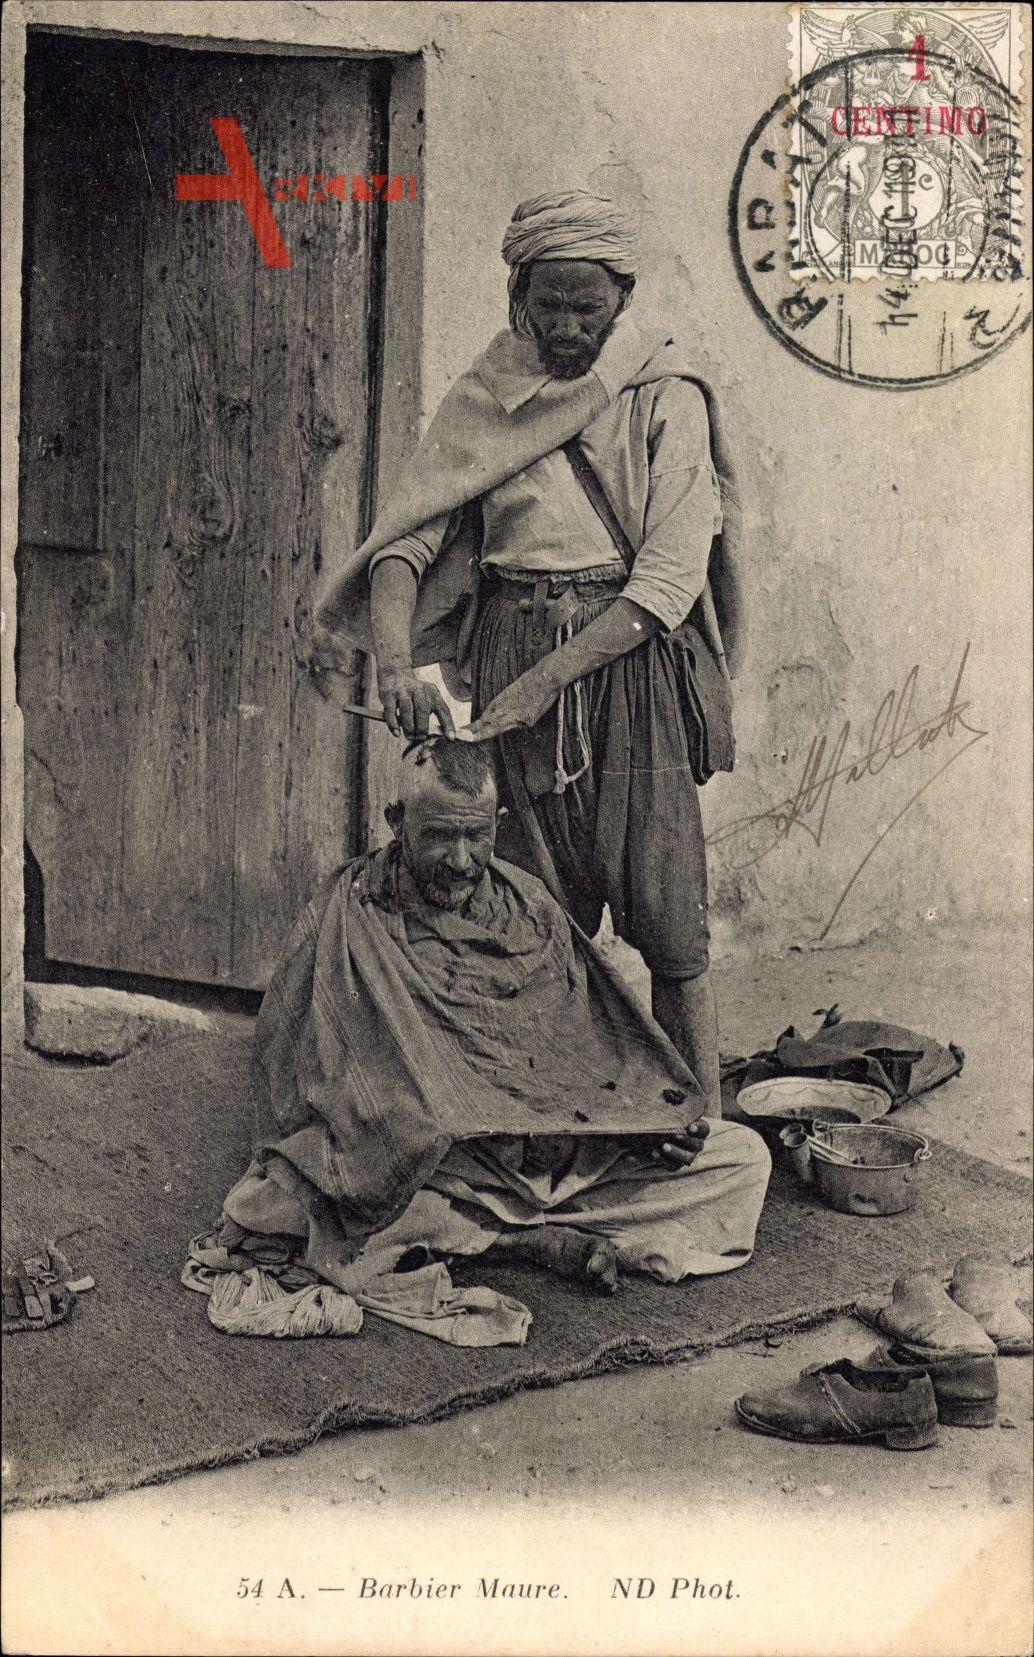 Barbier Maure, Arabischer Friseur bei der Arbeit